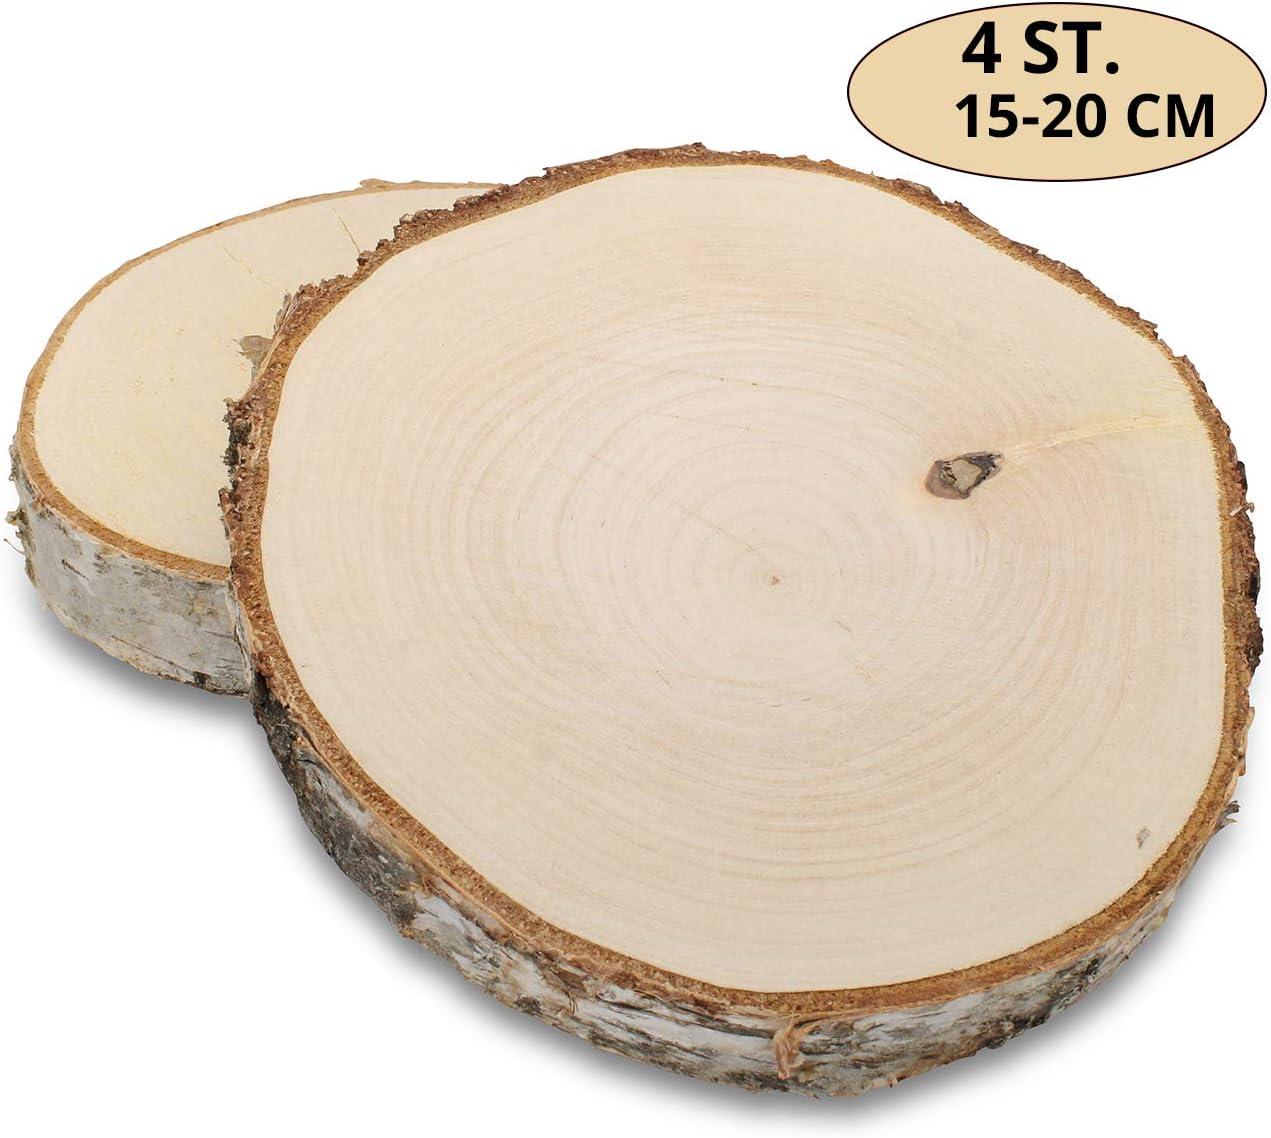 GREENHAUS XXL Birkenscheiben aus Deutschland 10-15 cm 4 St/ück geschliffen Holzscheiben Baumscheiben Baumstamm Holzdeko